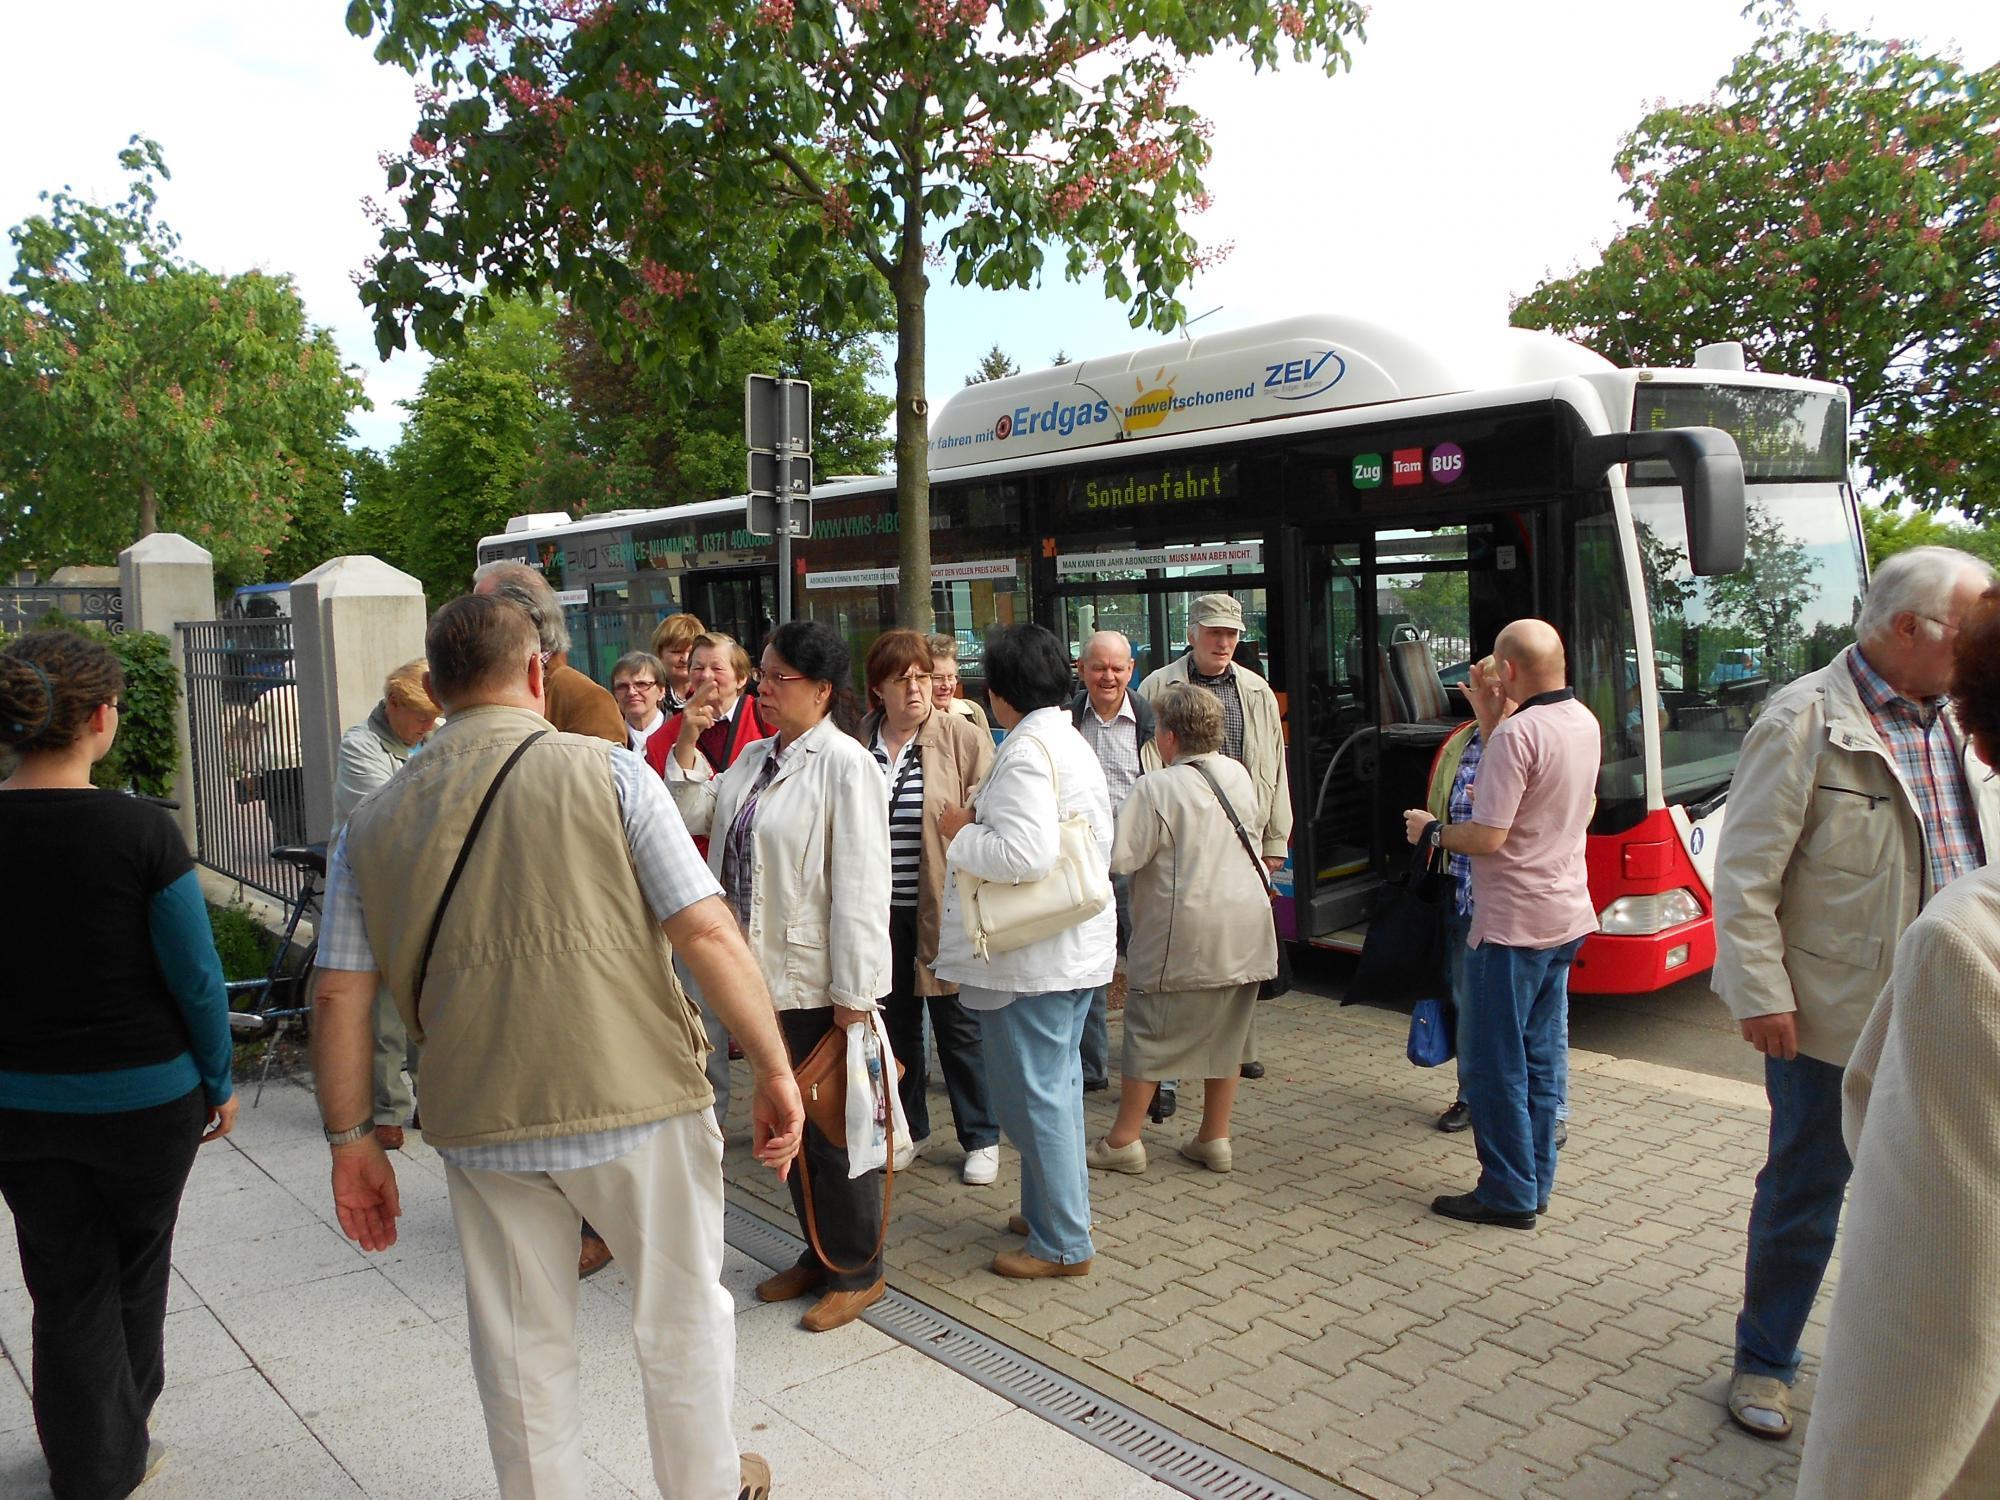 Seniorentreffen Ankunft August Horch Museum Zwickau